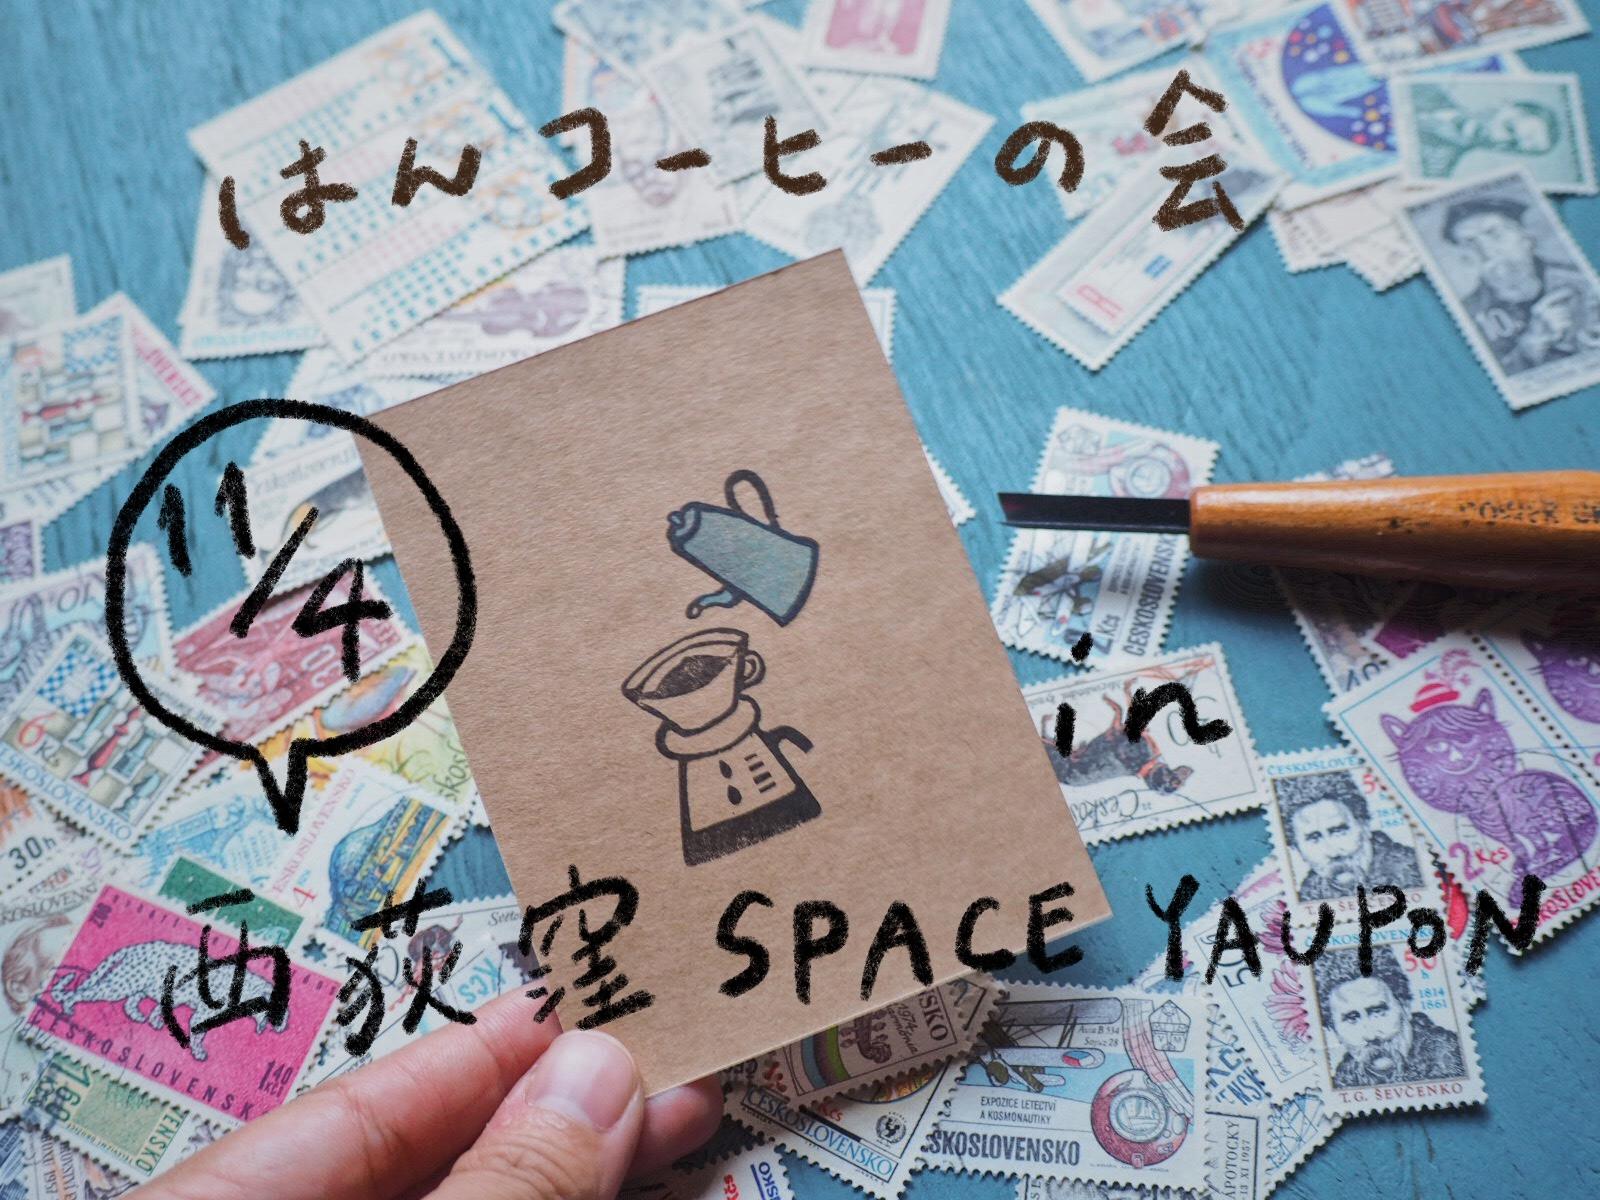 11/4(月・祝)ワークショップ「はんコーヒーの会」@西荻窪SPACE YAUPON